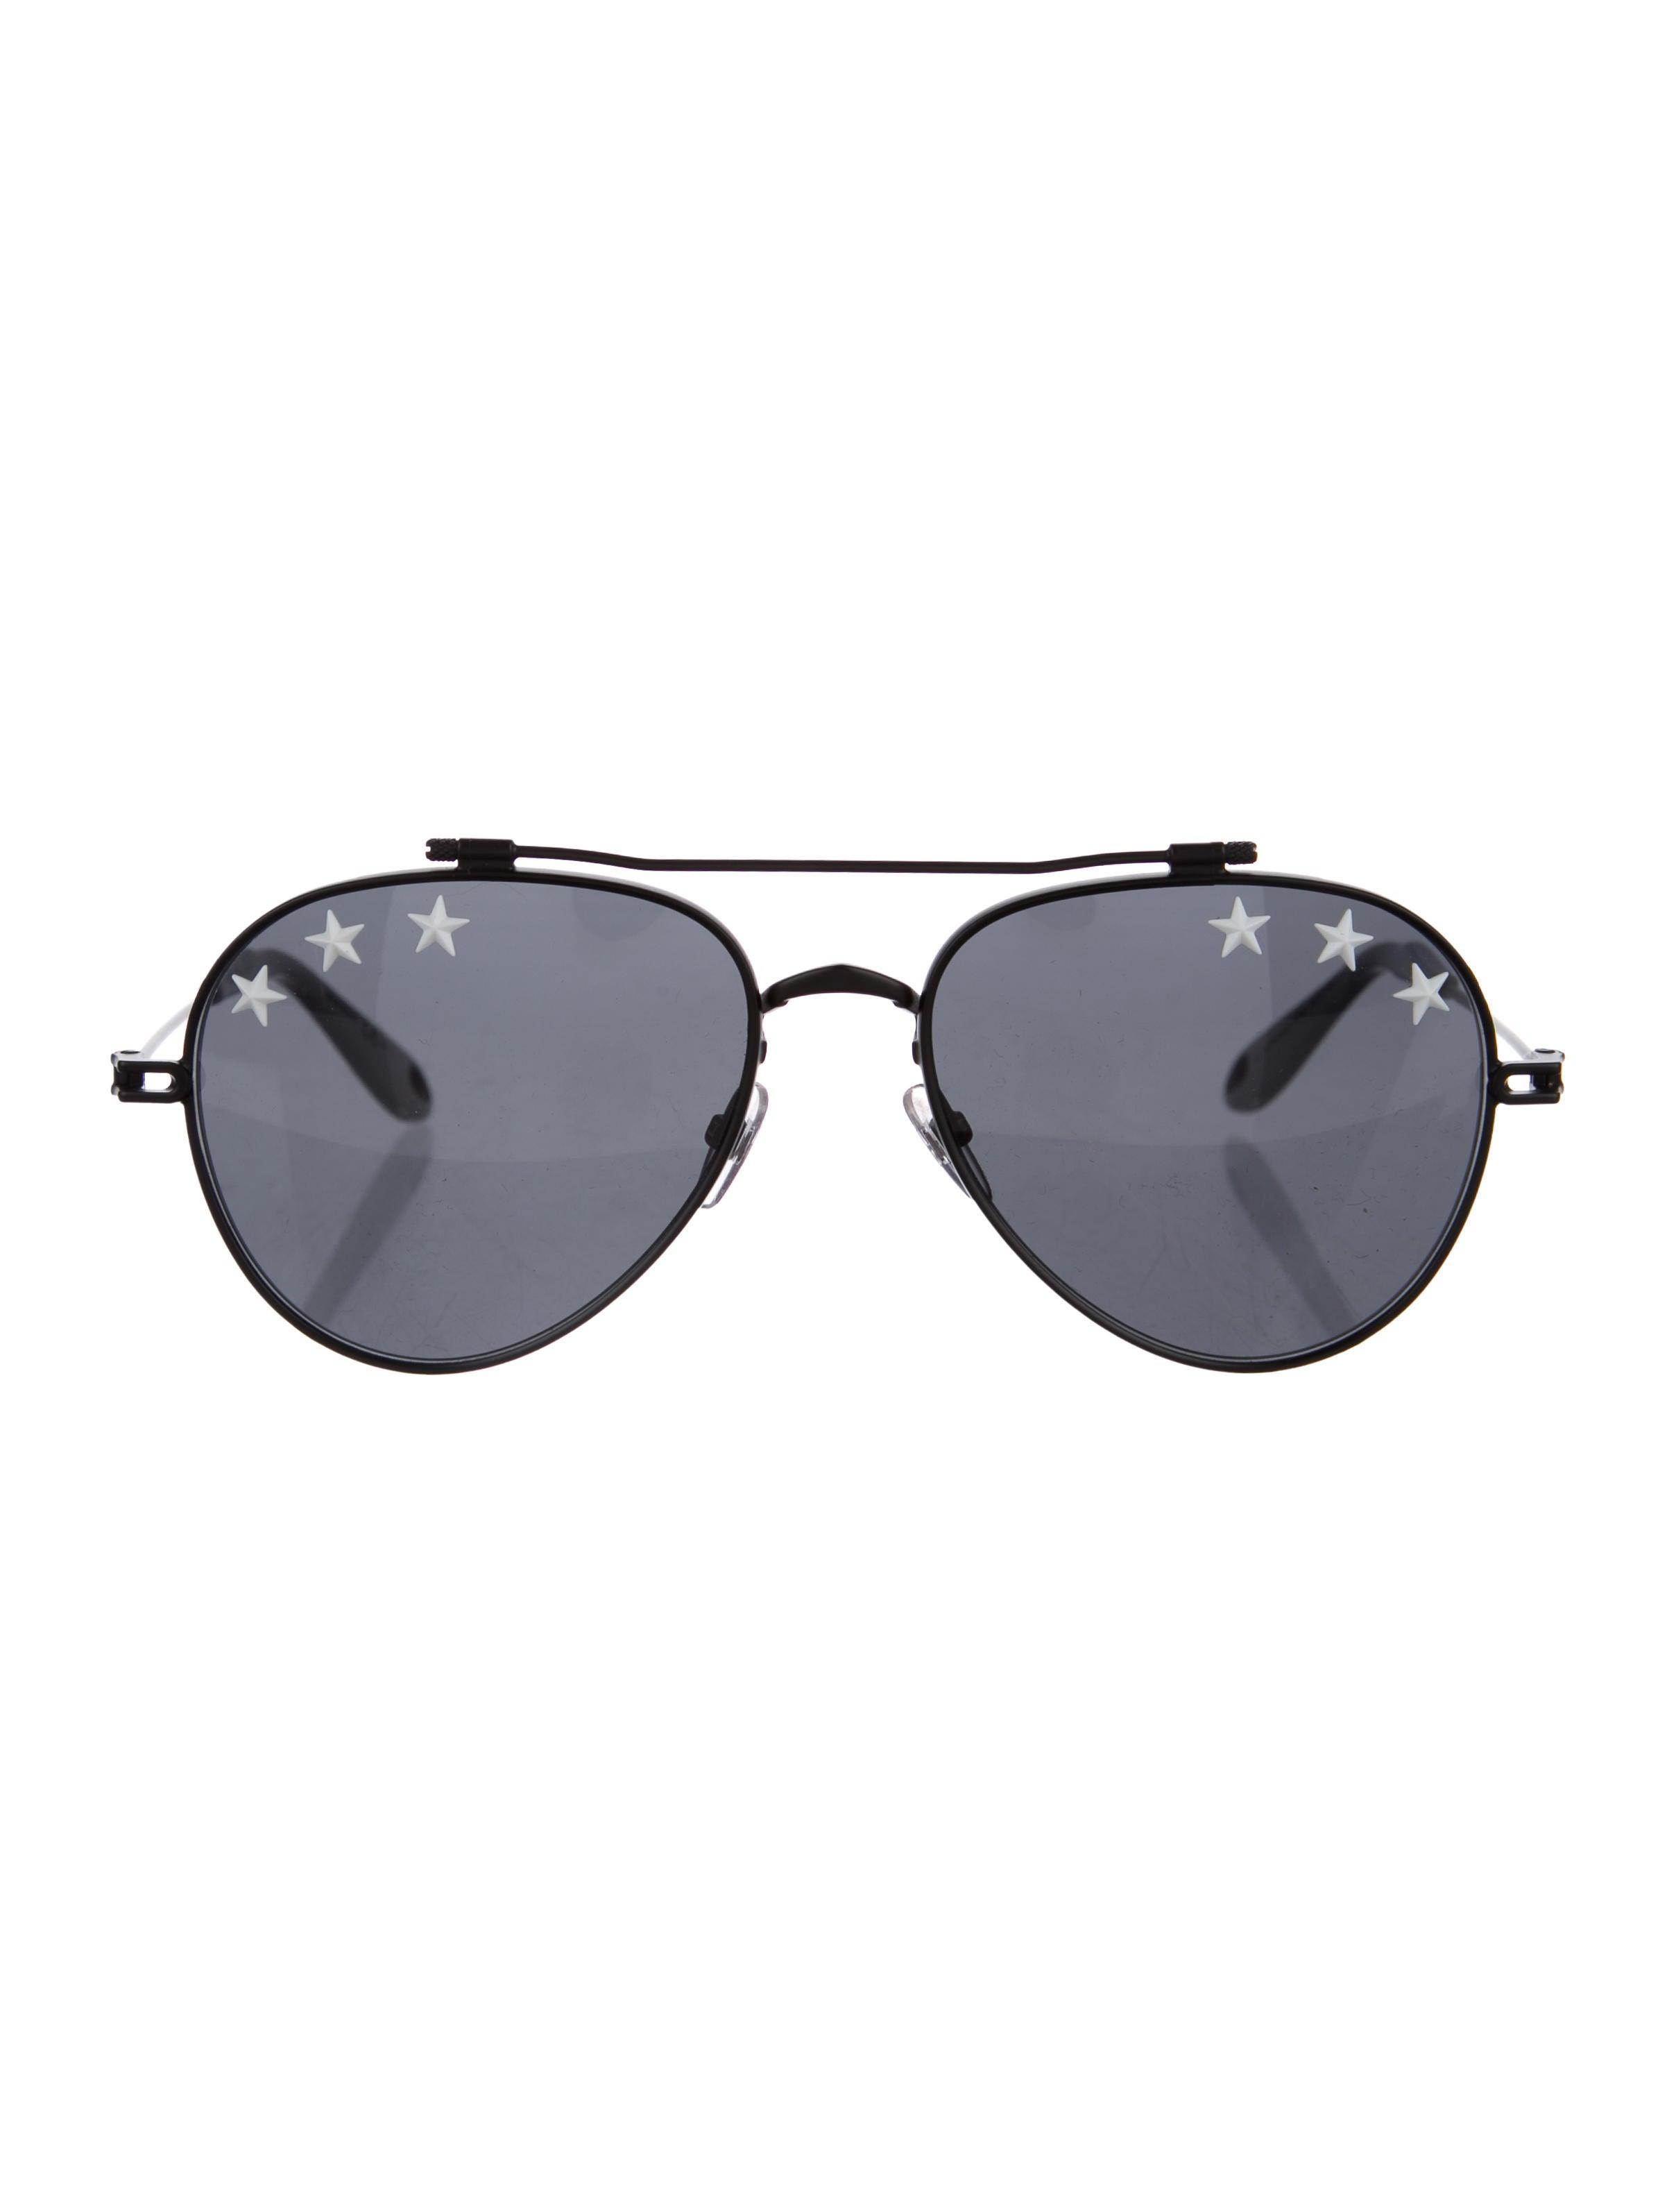 d0e157e9002ec Givenchy Star Studded Aviator Sunglasses - Accessories - GIV43324